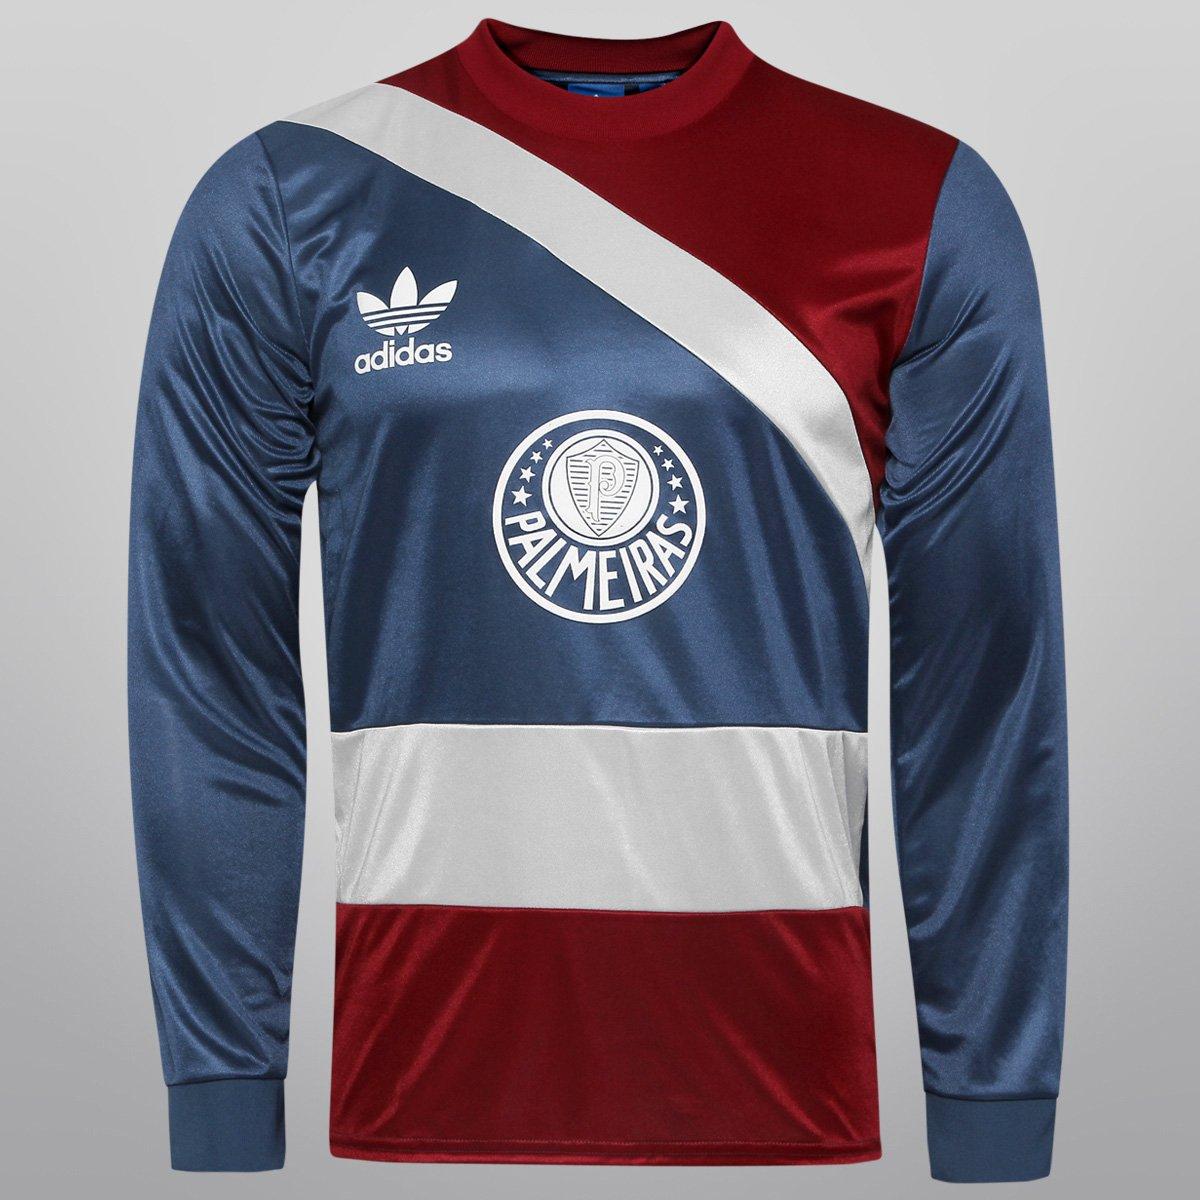 07767c89d Camisa adidas palmeiras goleiro retrô compre agora netshoes jpg 544x544 Retro  camisetas de goleiro